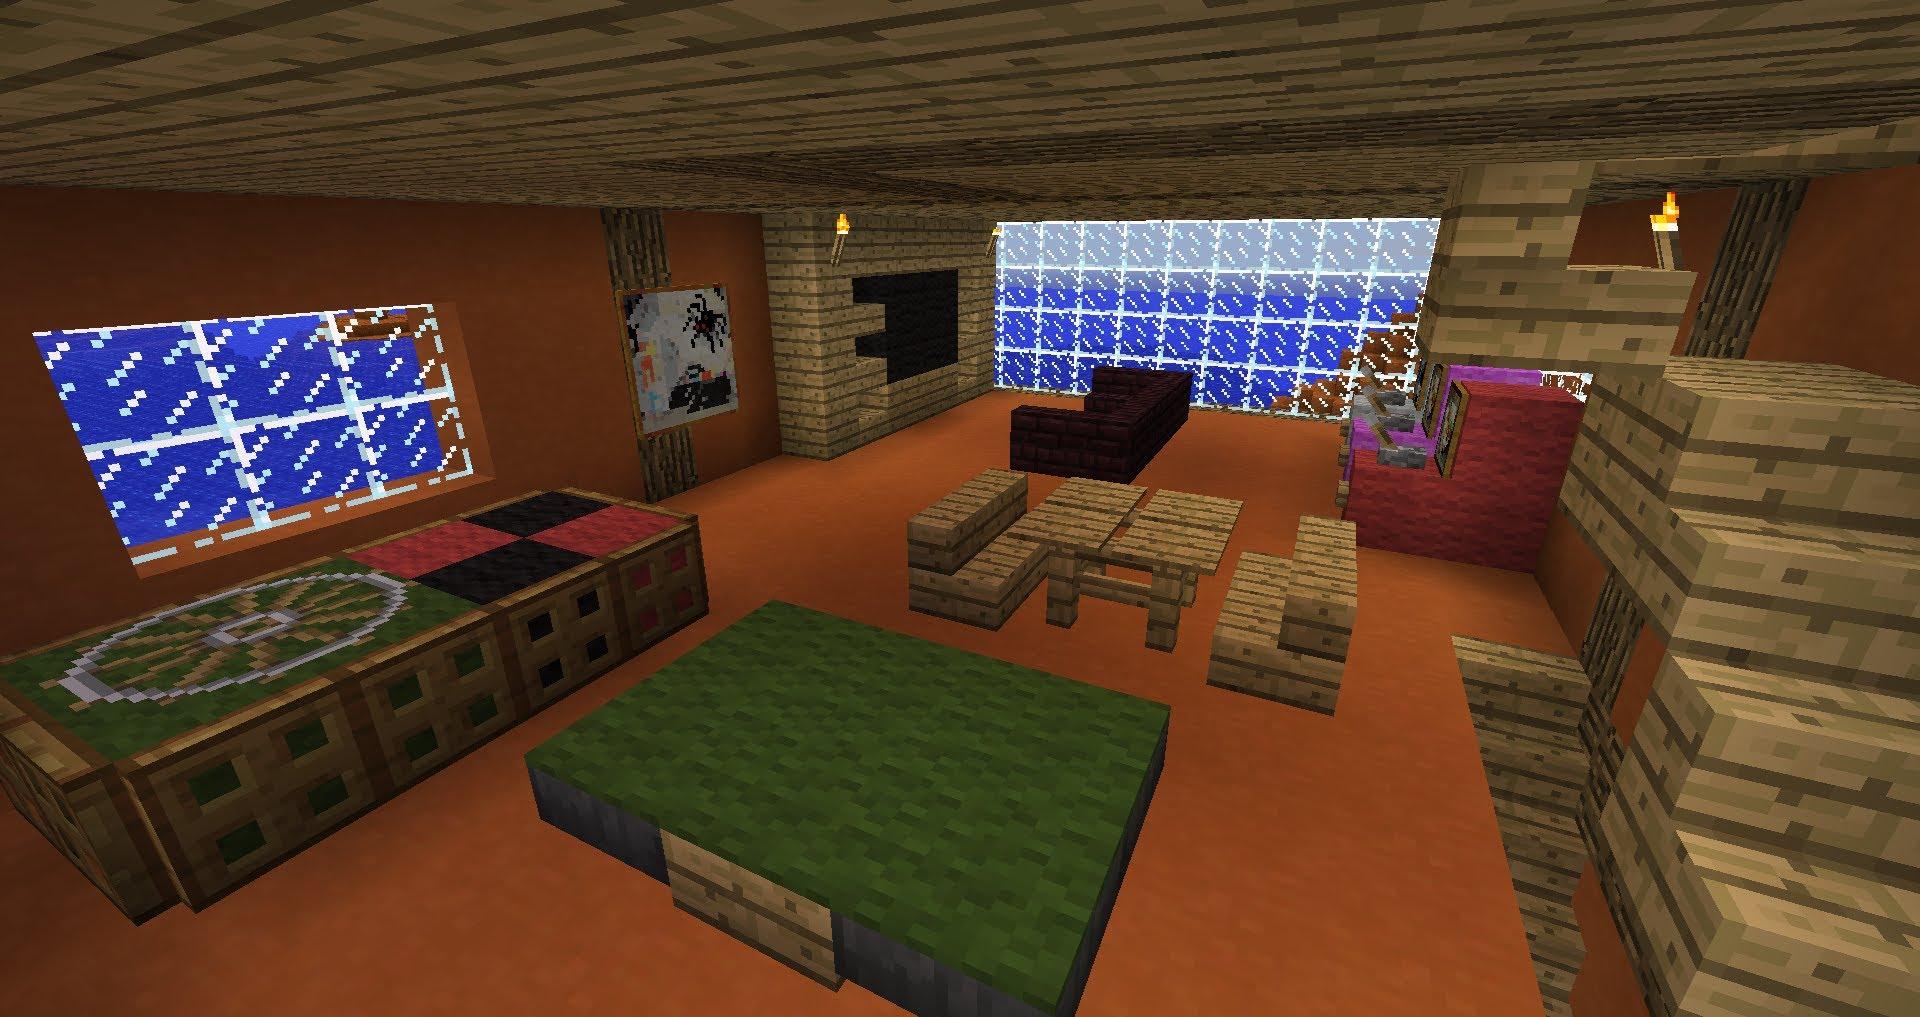 jeux de decoration de maison de luxe. Black Bedroom Furniture Sets. Home Design Ideas